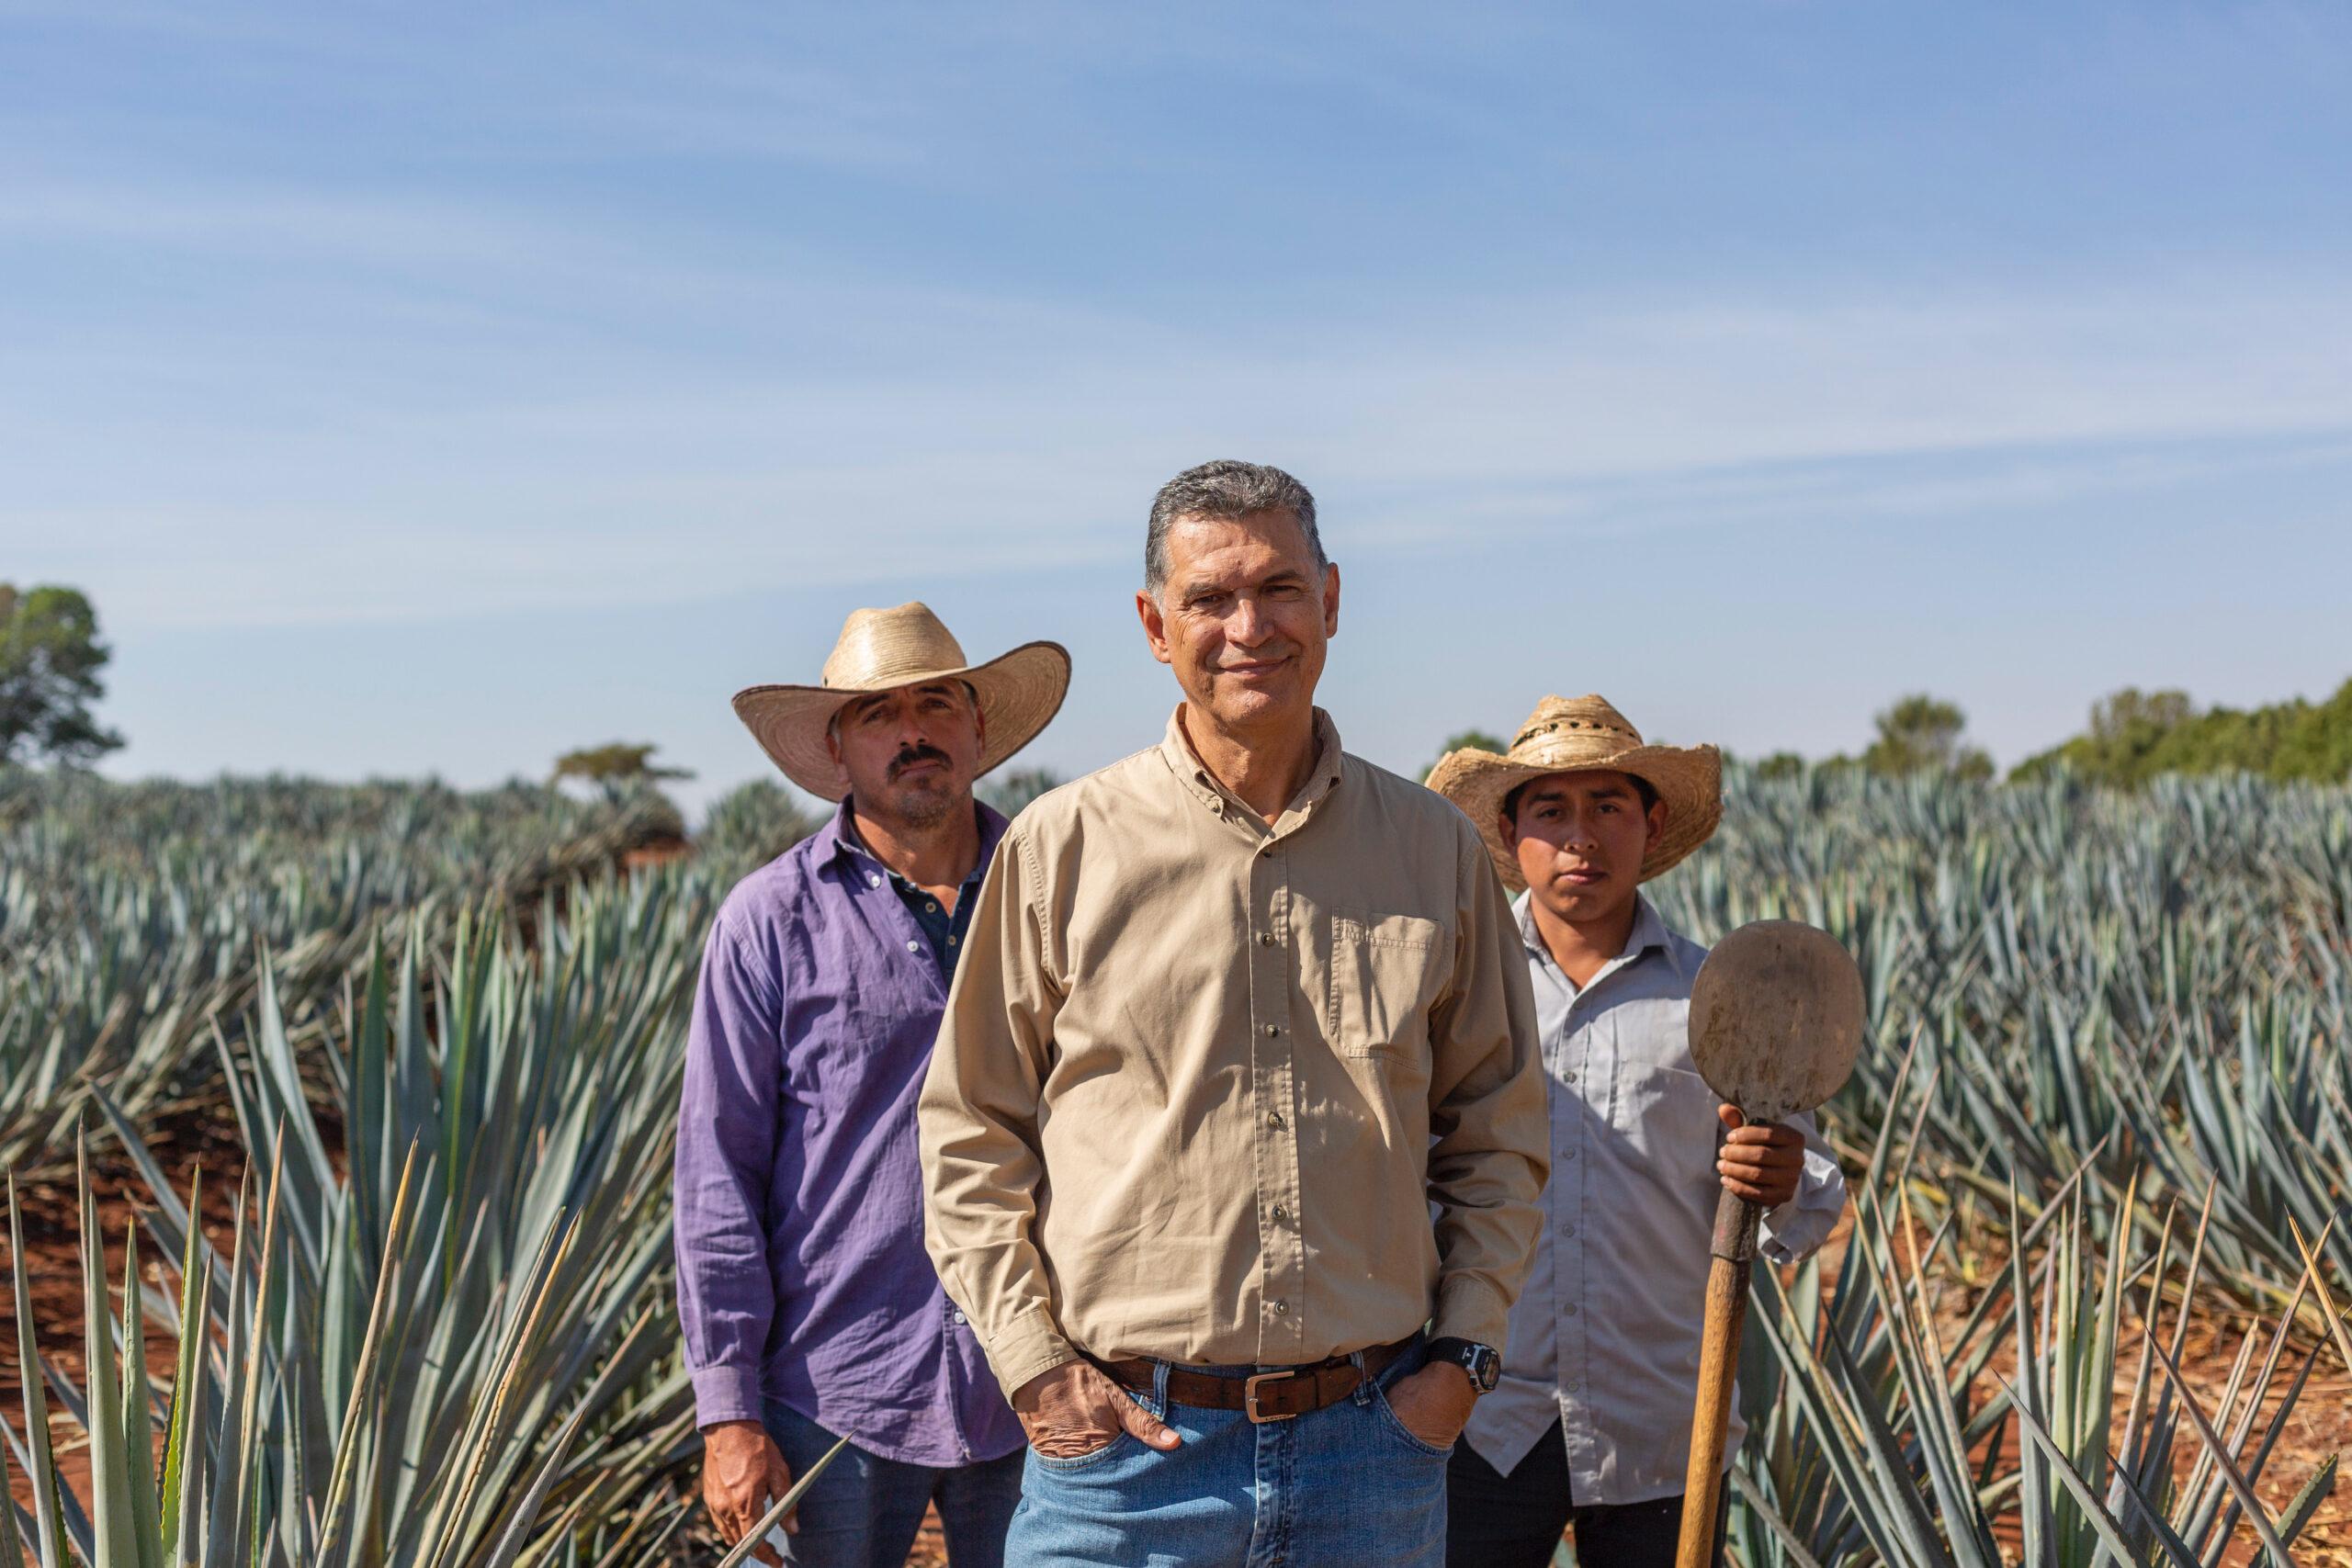 「Olmeca(オルメカ)」及び「Olmeca Altos(オルメカ アルトス)」のマスターディスティラーJesus Hernandez(ヘスス・ヘルナンデス)氏に、ブランド こだわりや蒸留所の現状についてインタビュー